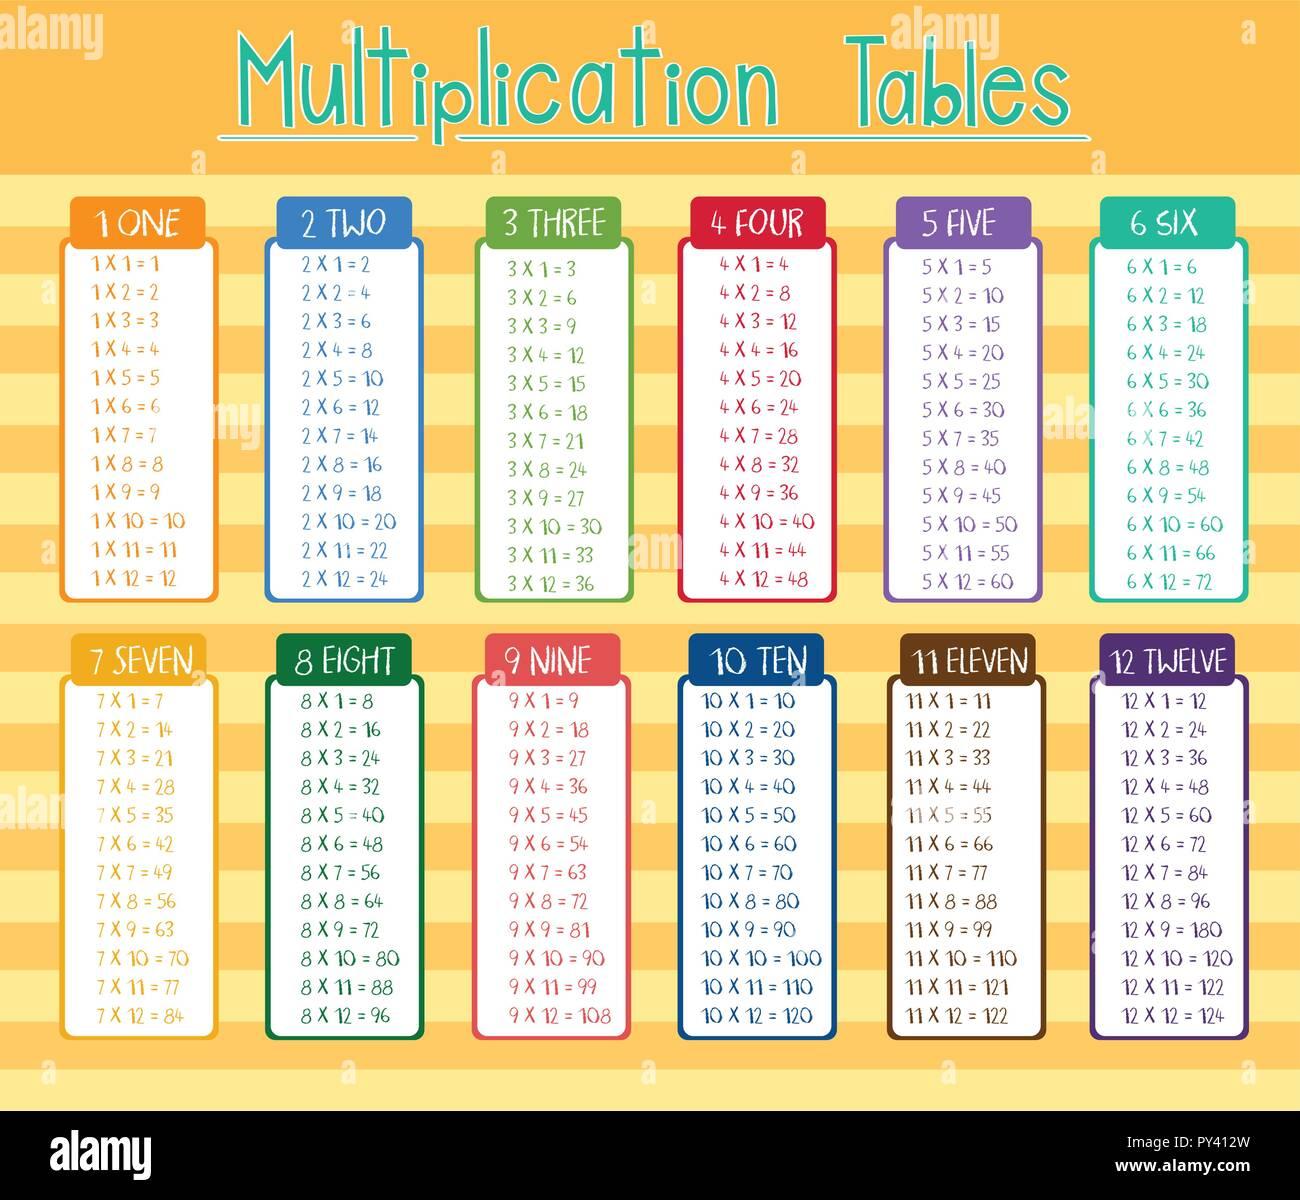 Affiche Multiplication illustration de l'affiche en couleur les tables de multiplication